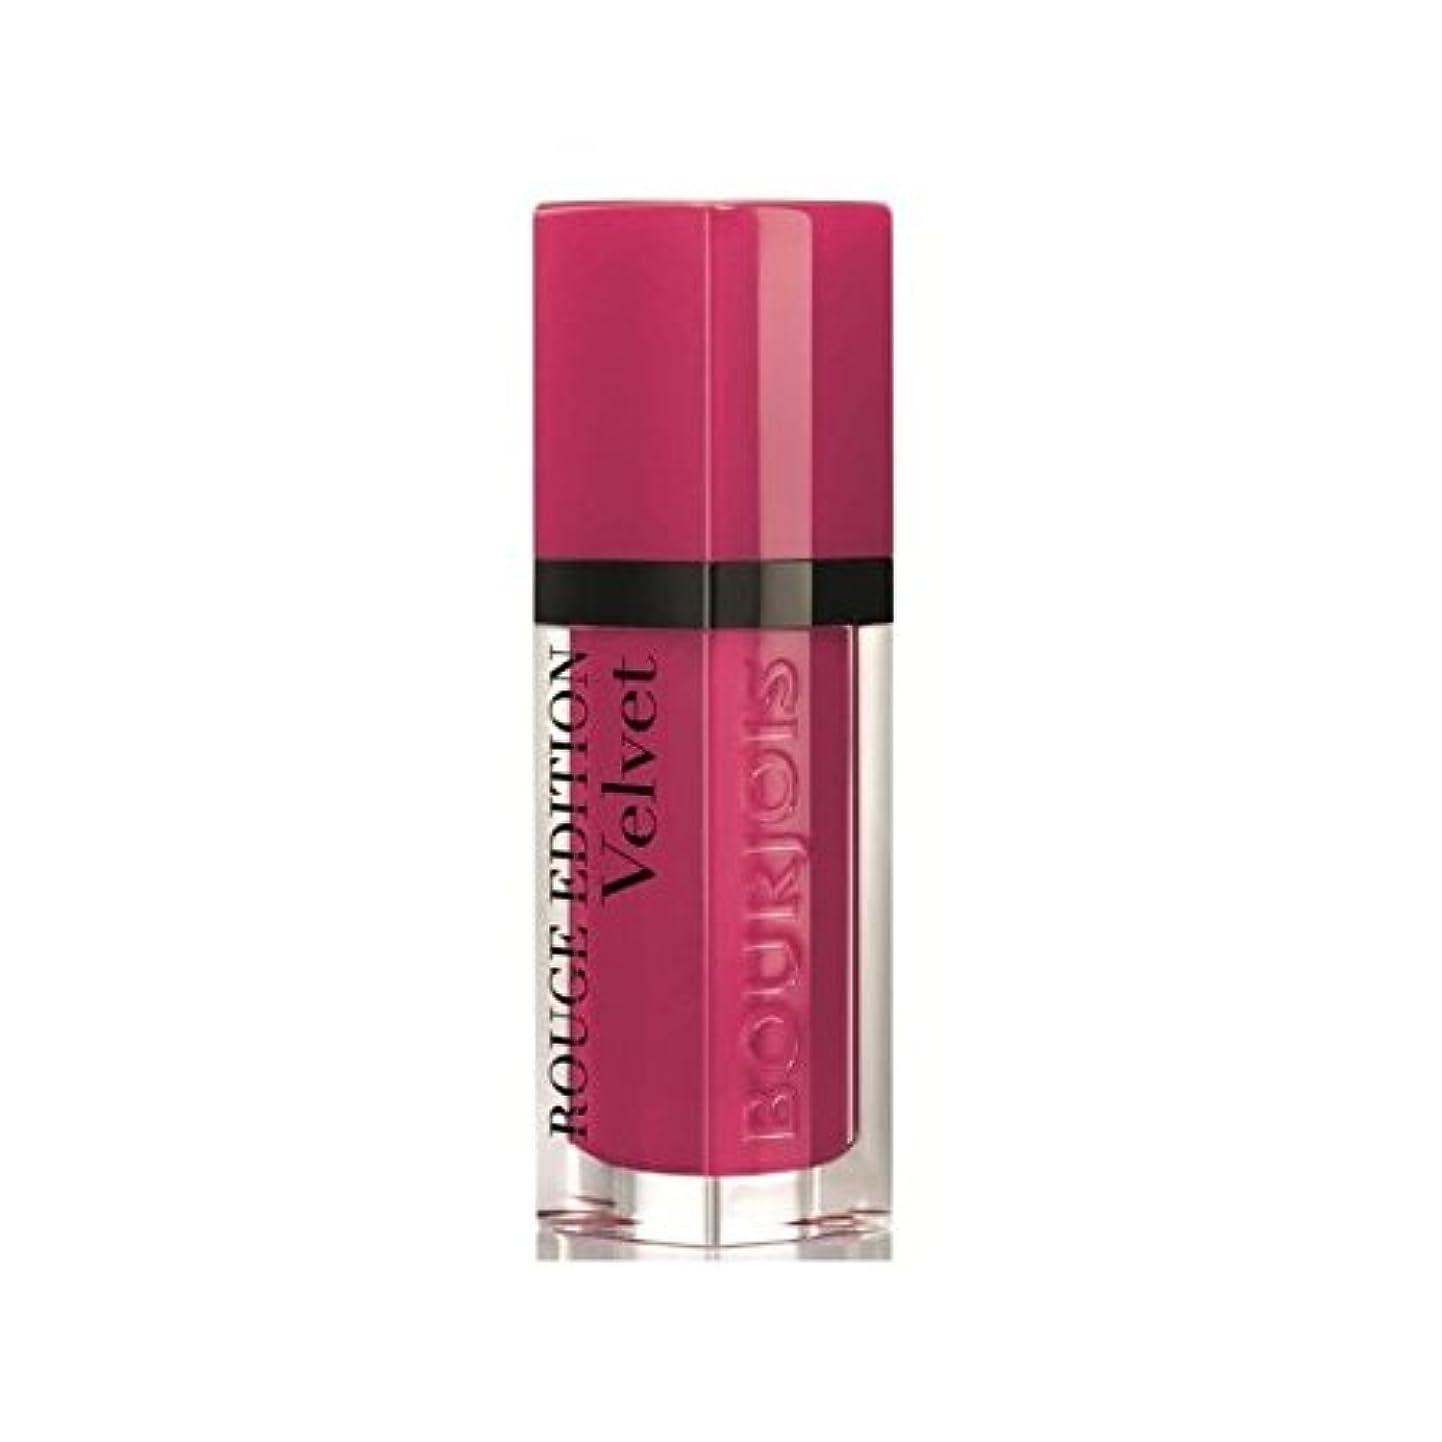 自信がある嵐が丘スカルクブルジョワルージュ版のベルベットの口紅フラミンゴ5 x4 - Bourjois Rouge Edition Velvet lipstick Ole Flamingo 5 (Pack of 4) [並行輸入品]